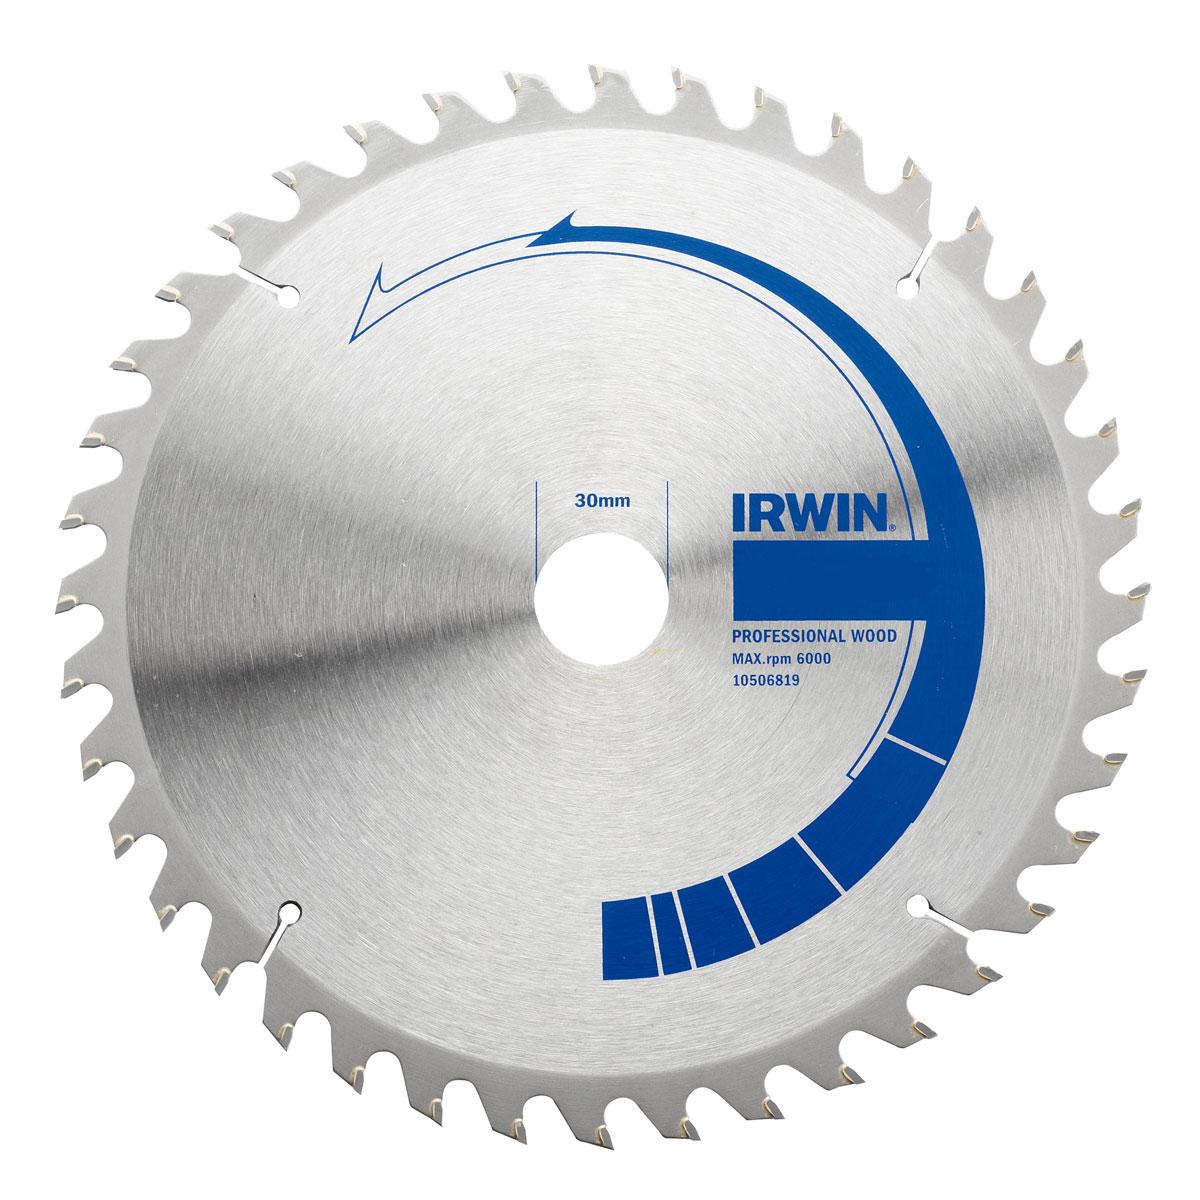 """Пильный диск по дереву Irwin """"Professional Wood"""", 210 мм"""